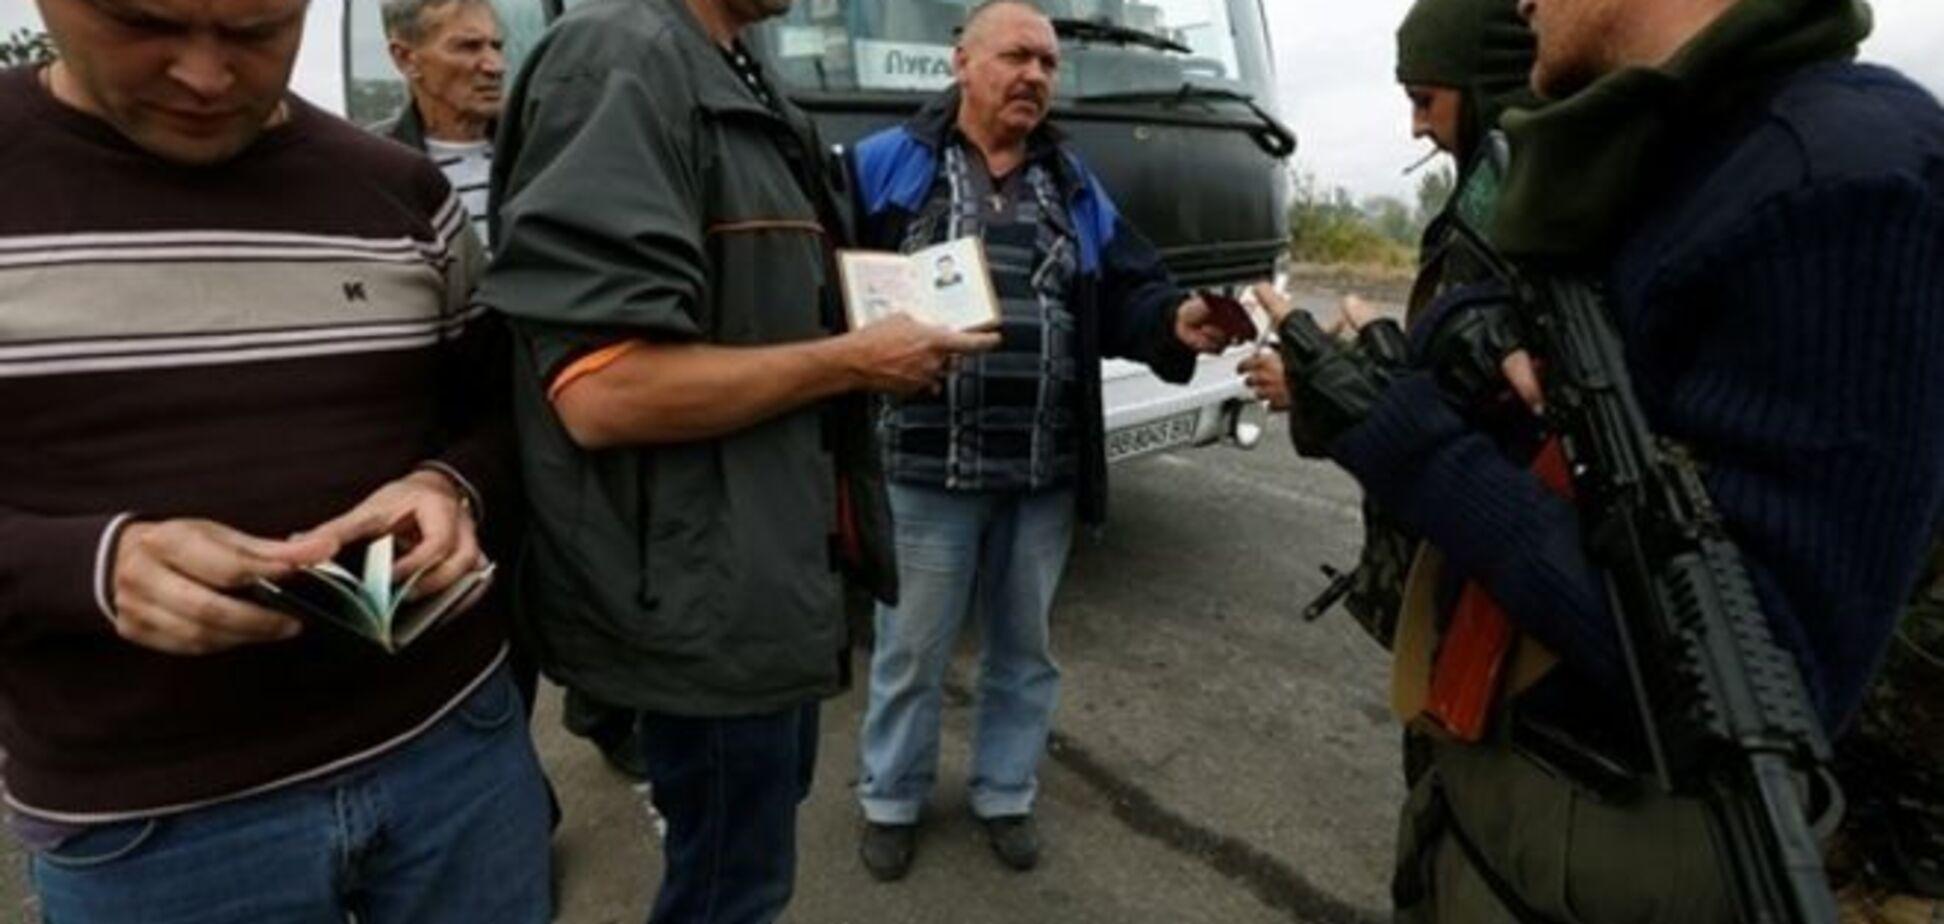 ОБСЕ выступило с критикой пропускной системы в зоне АТО